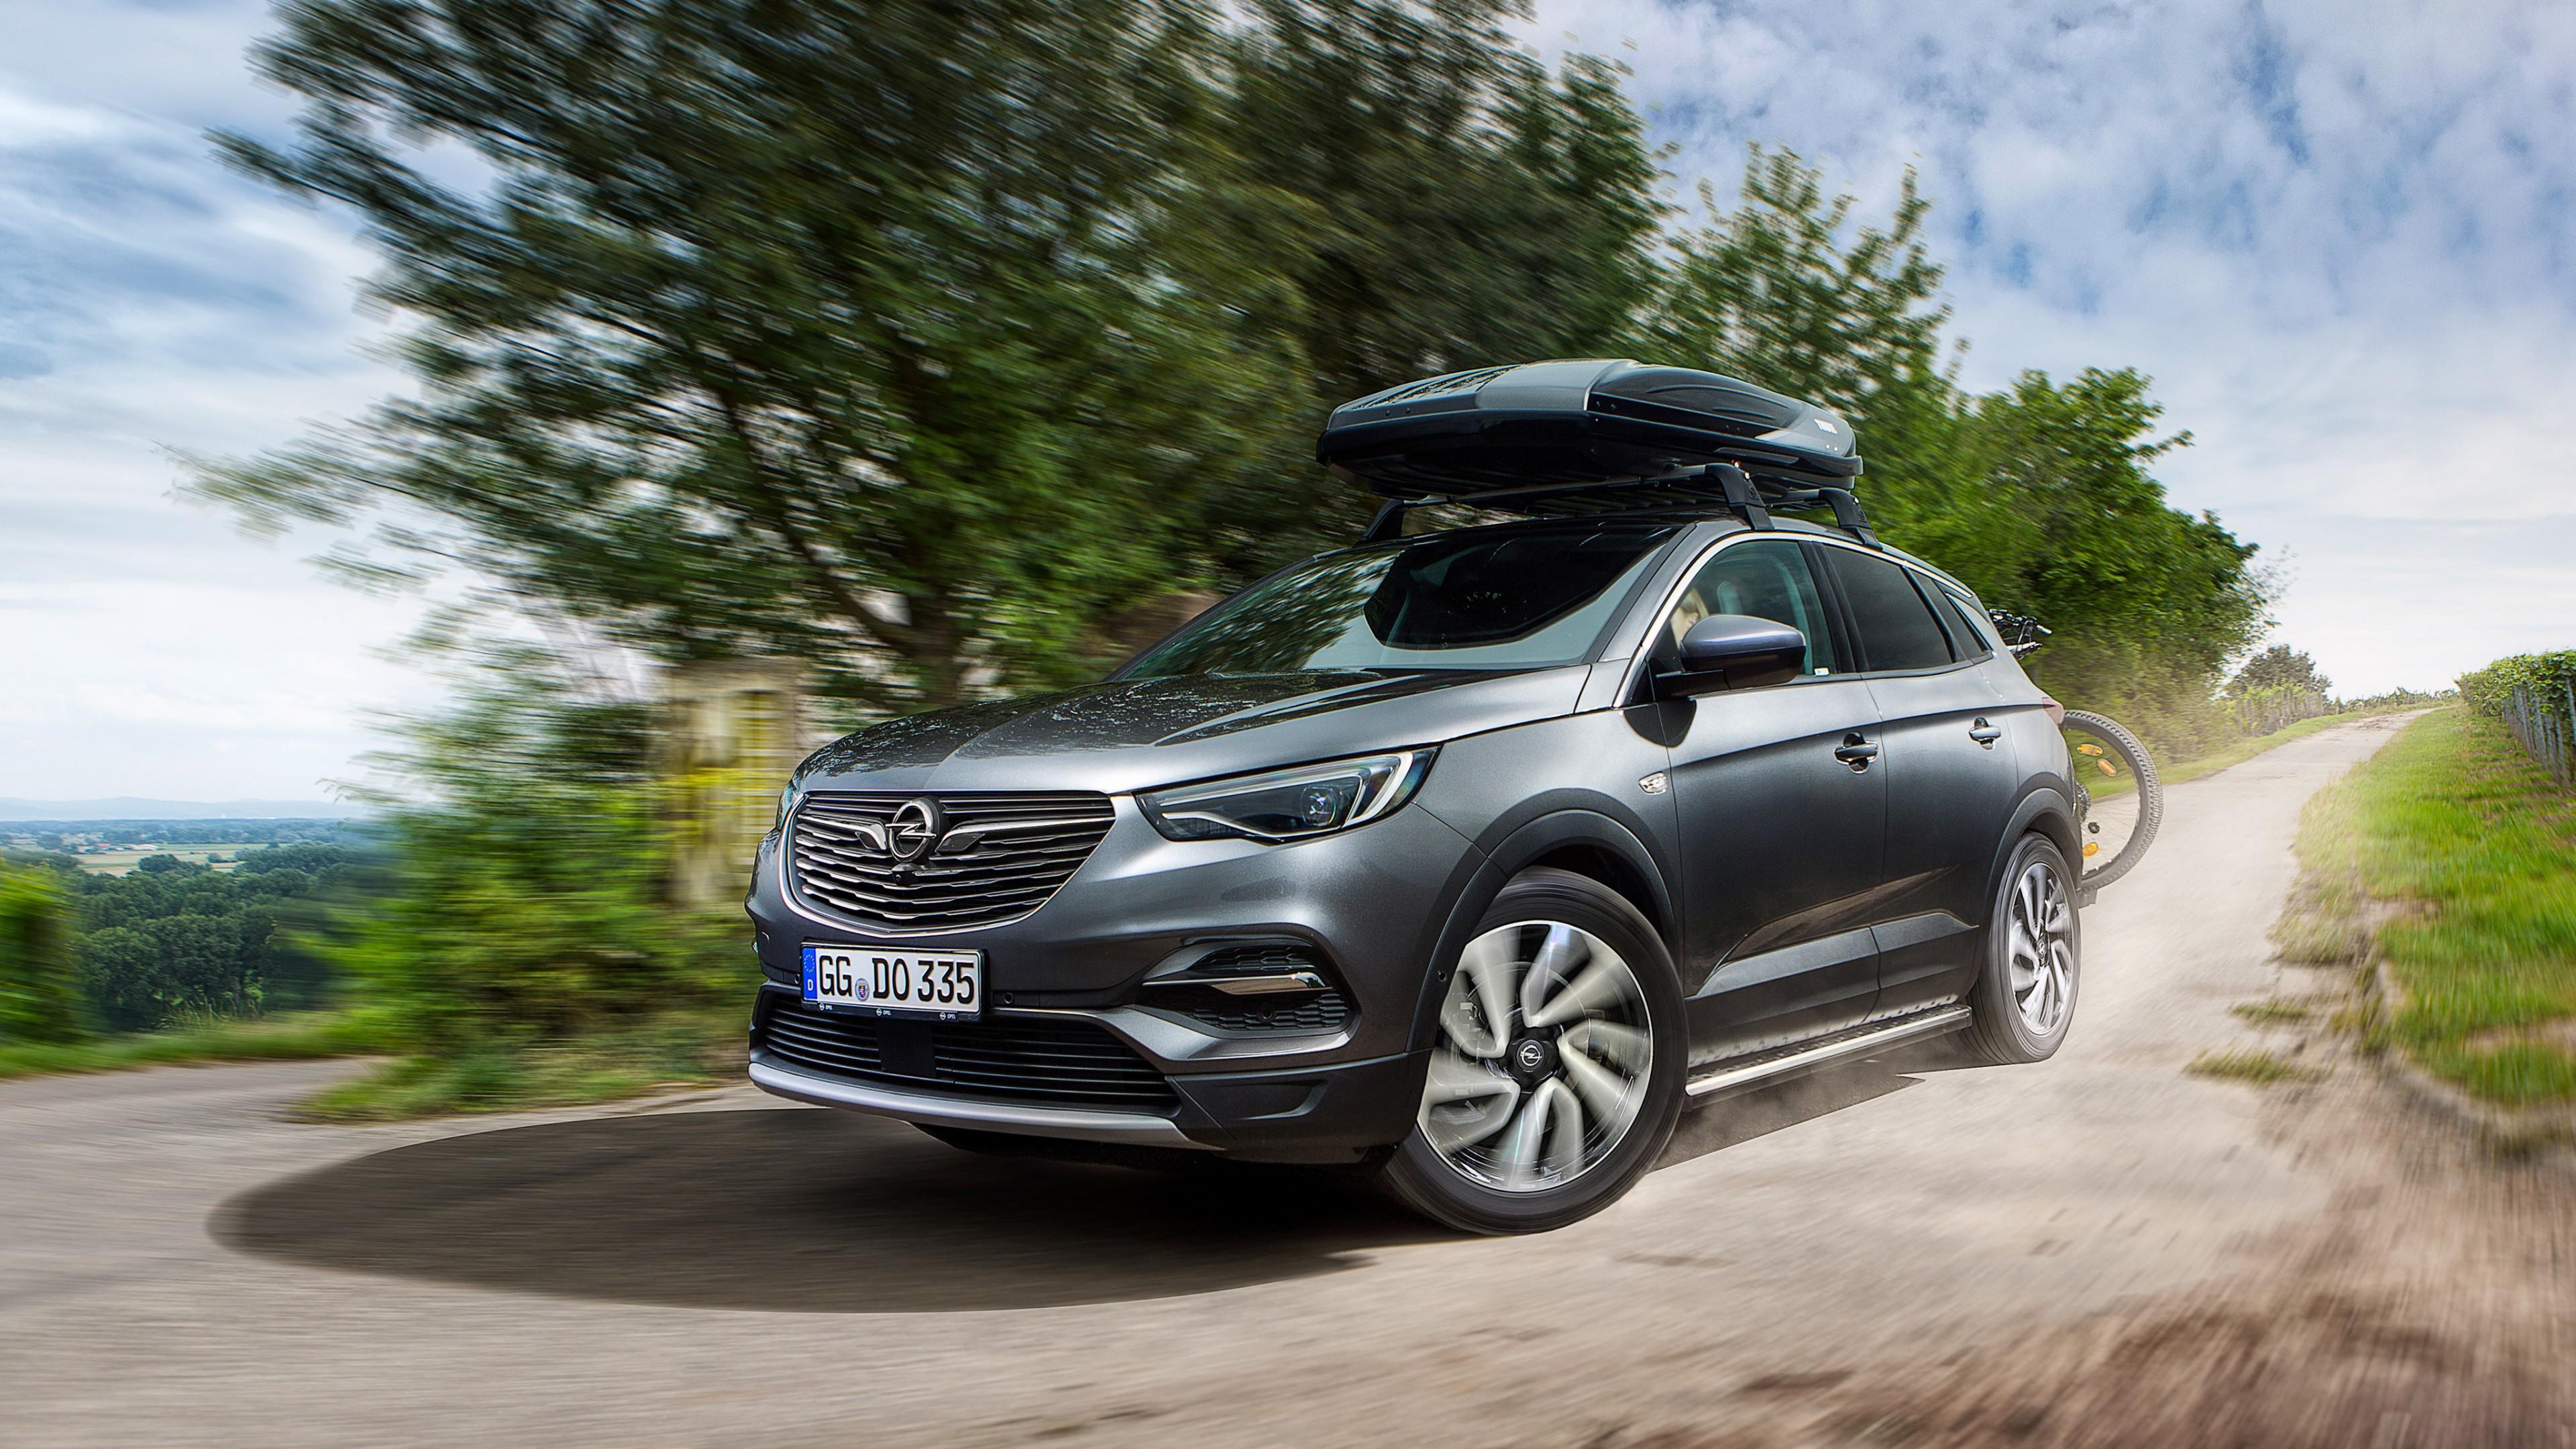 Santa Fe Ford >> 2018 Opel Grandland X Turbo D Accessorized 4K Wallpaper   HD Car Wallpapers   ID #10119